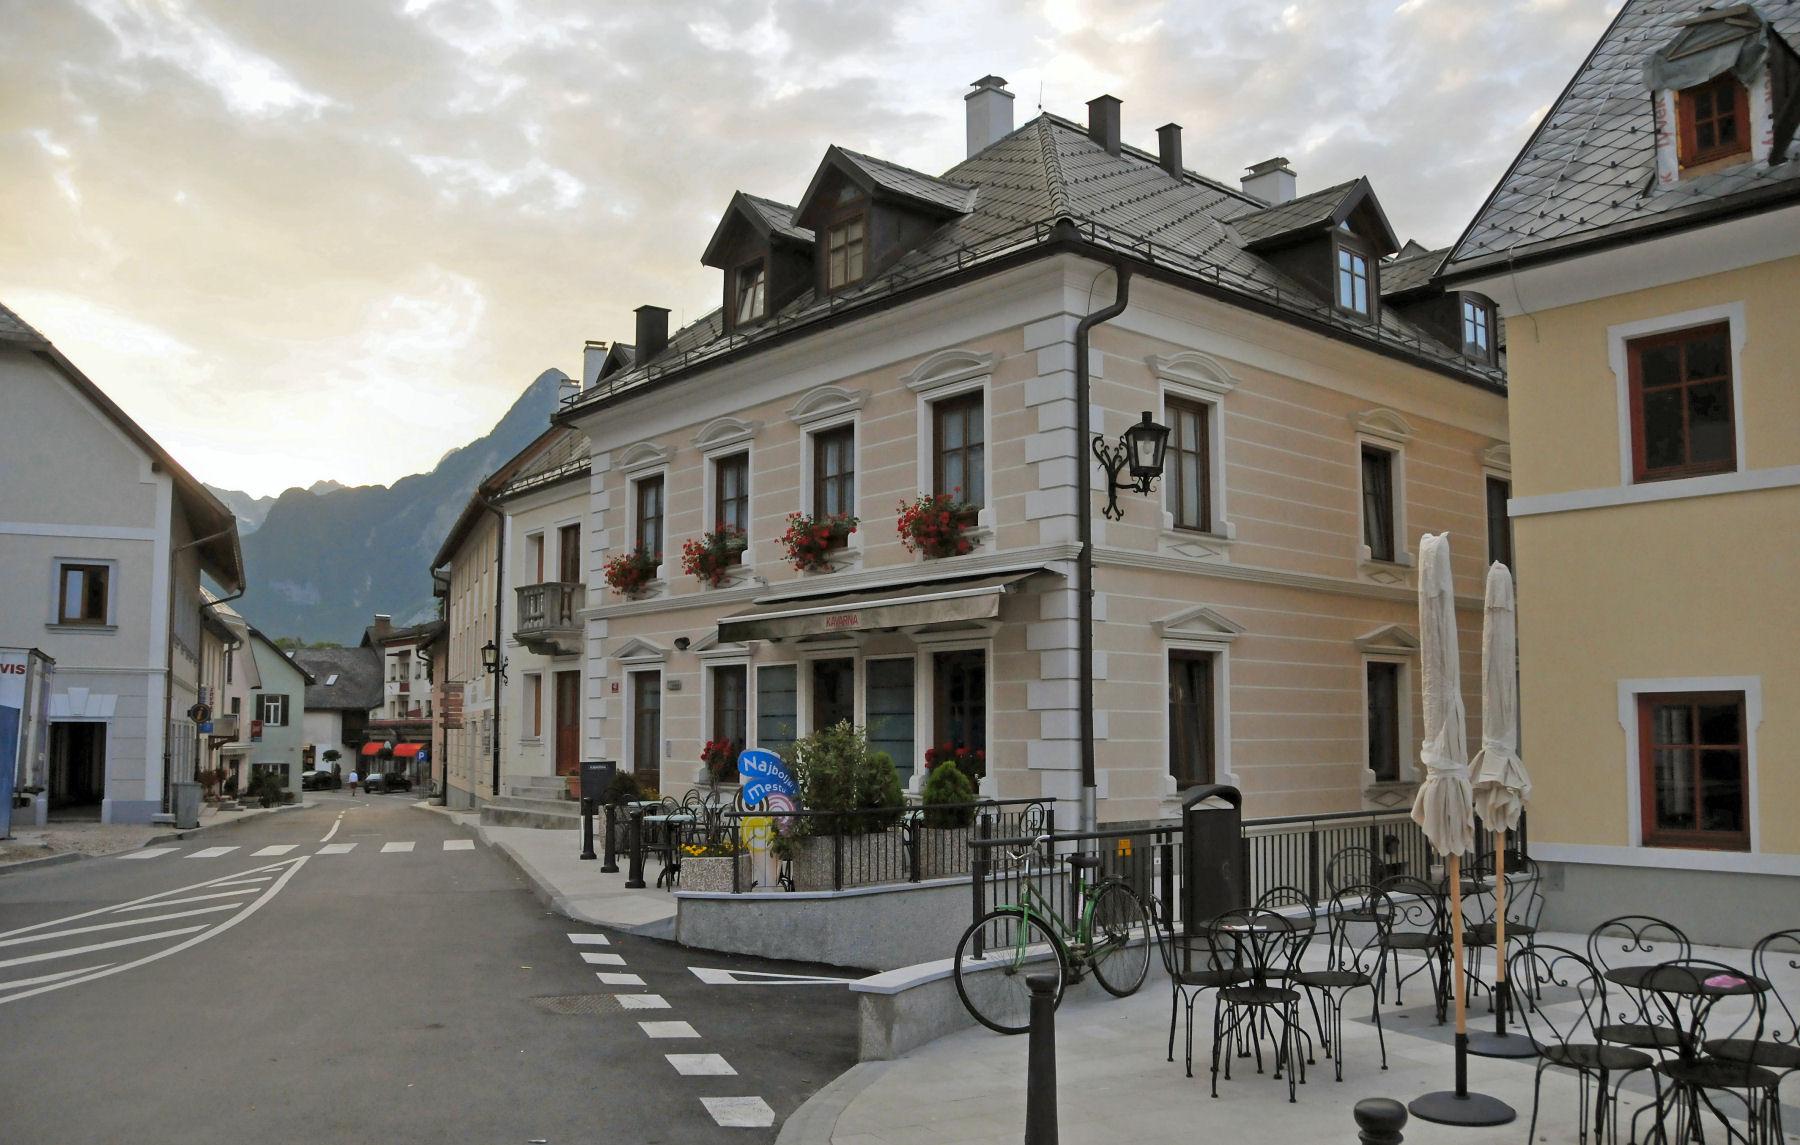 Bovec town centre in Slovenia